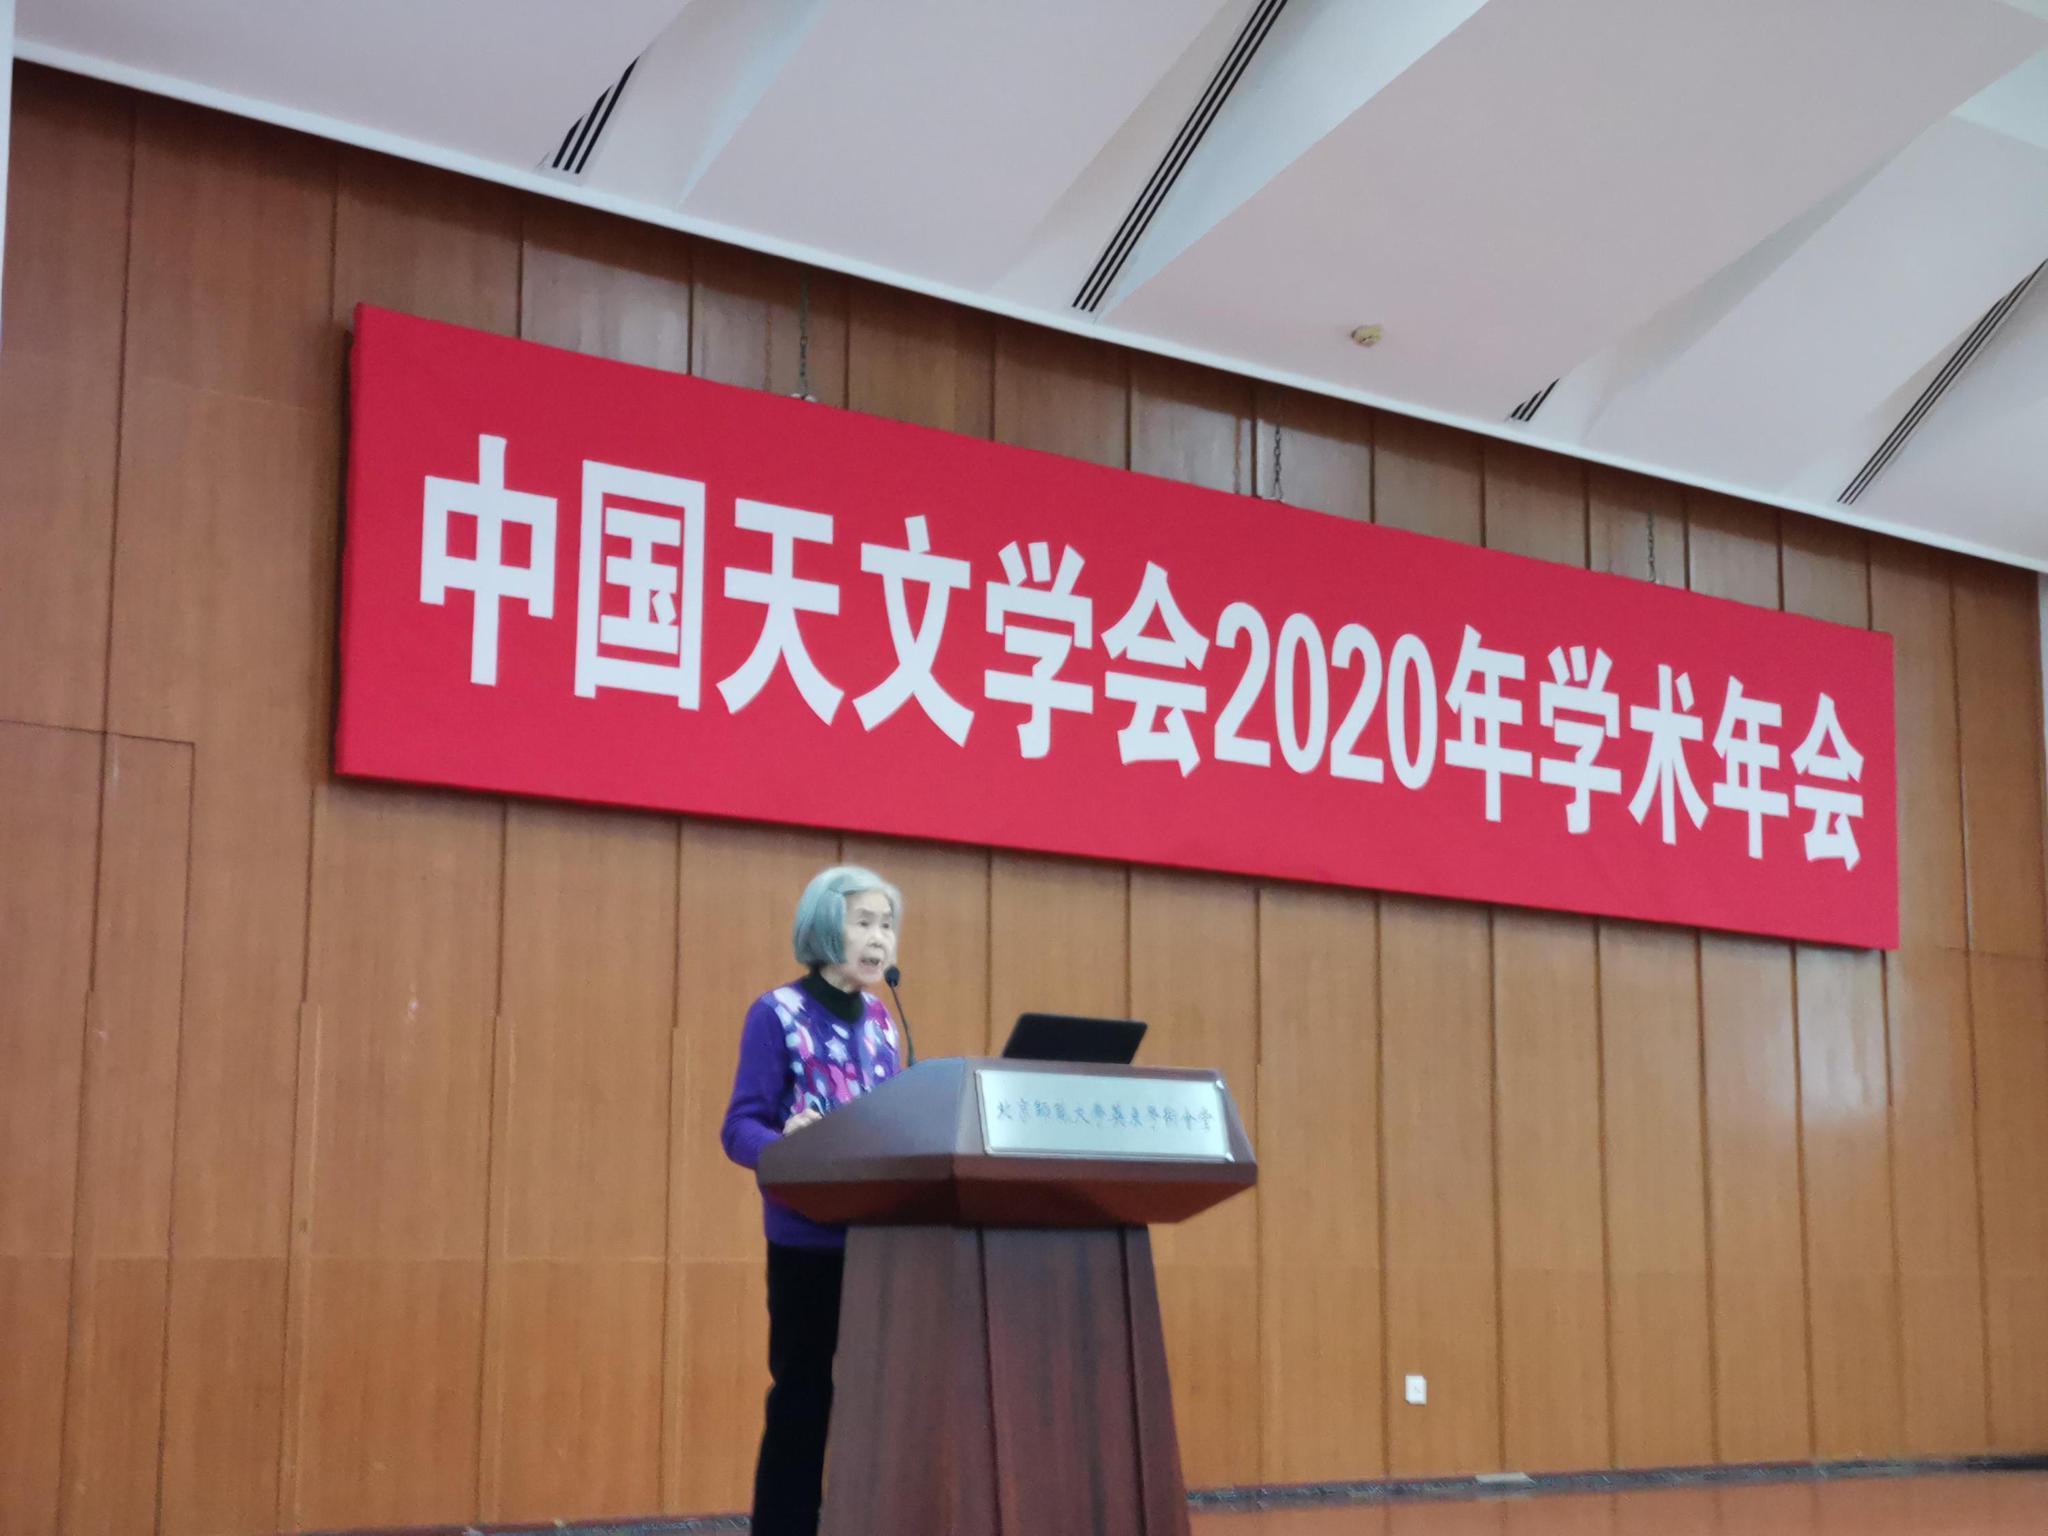 吴月芳获中国天文学最高奖张钰哲奖 80多岁仍在一线图片